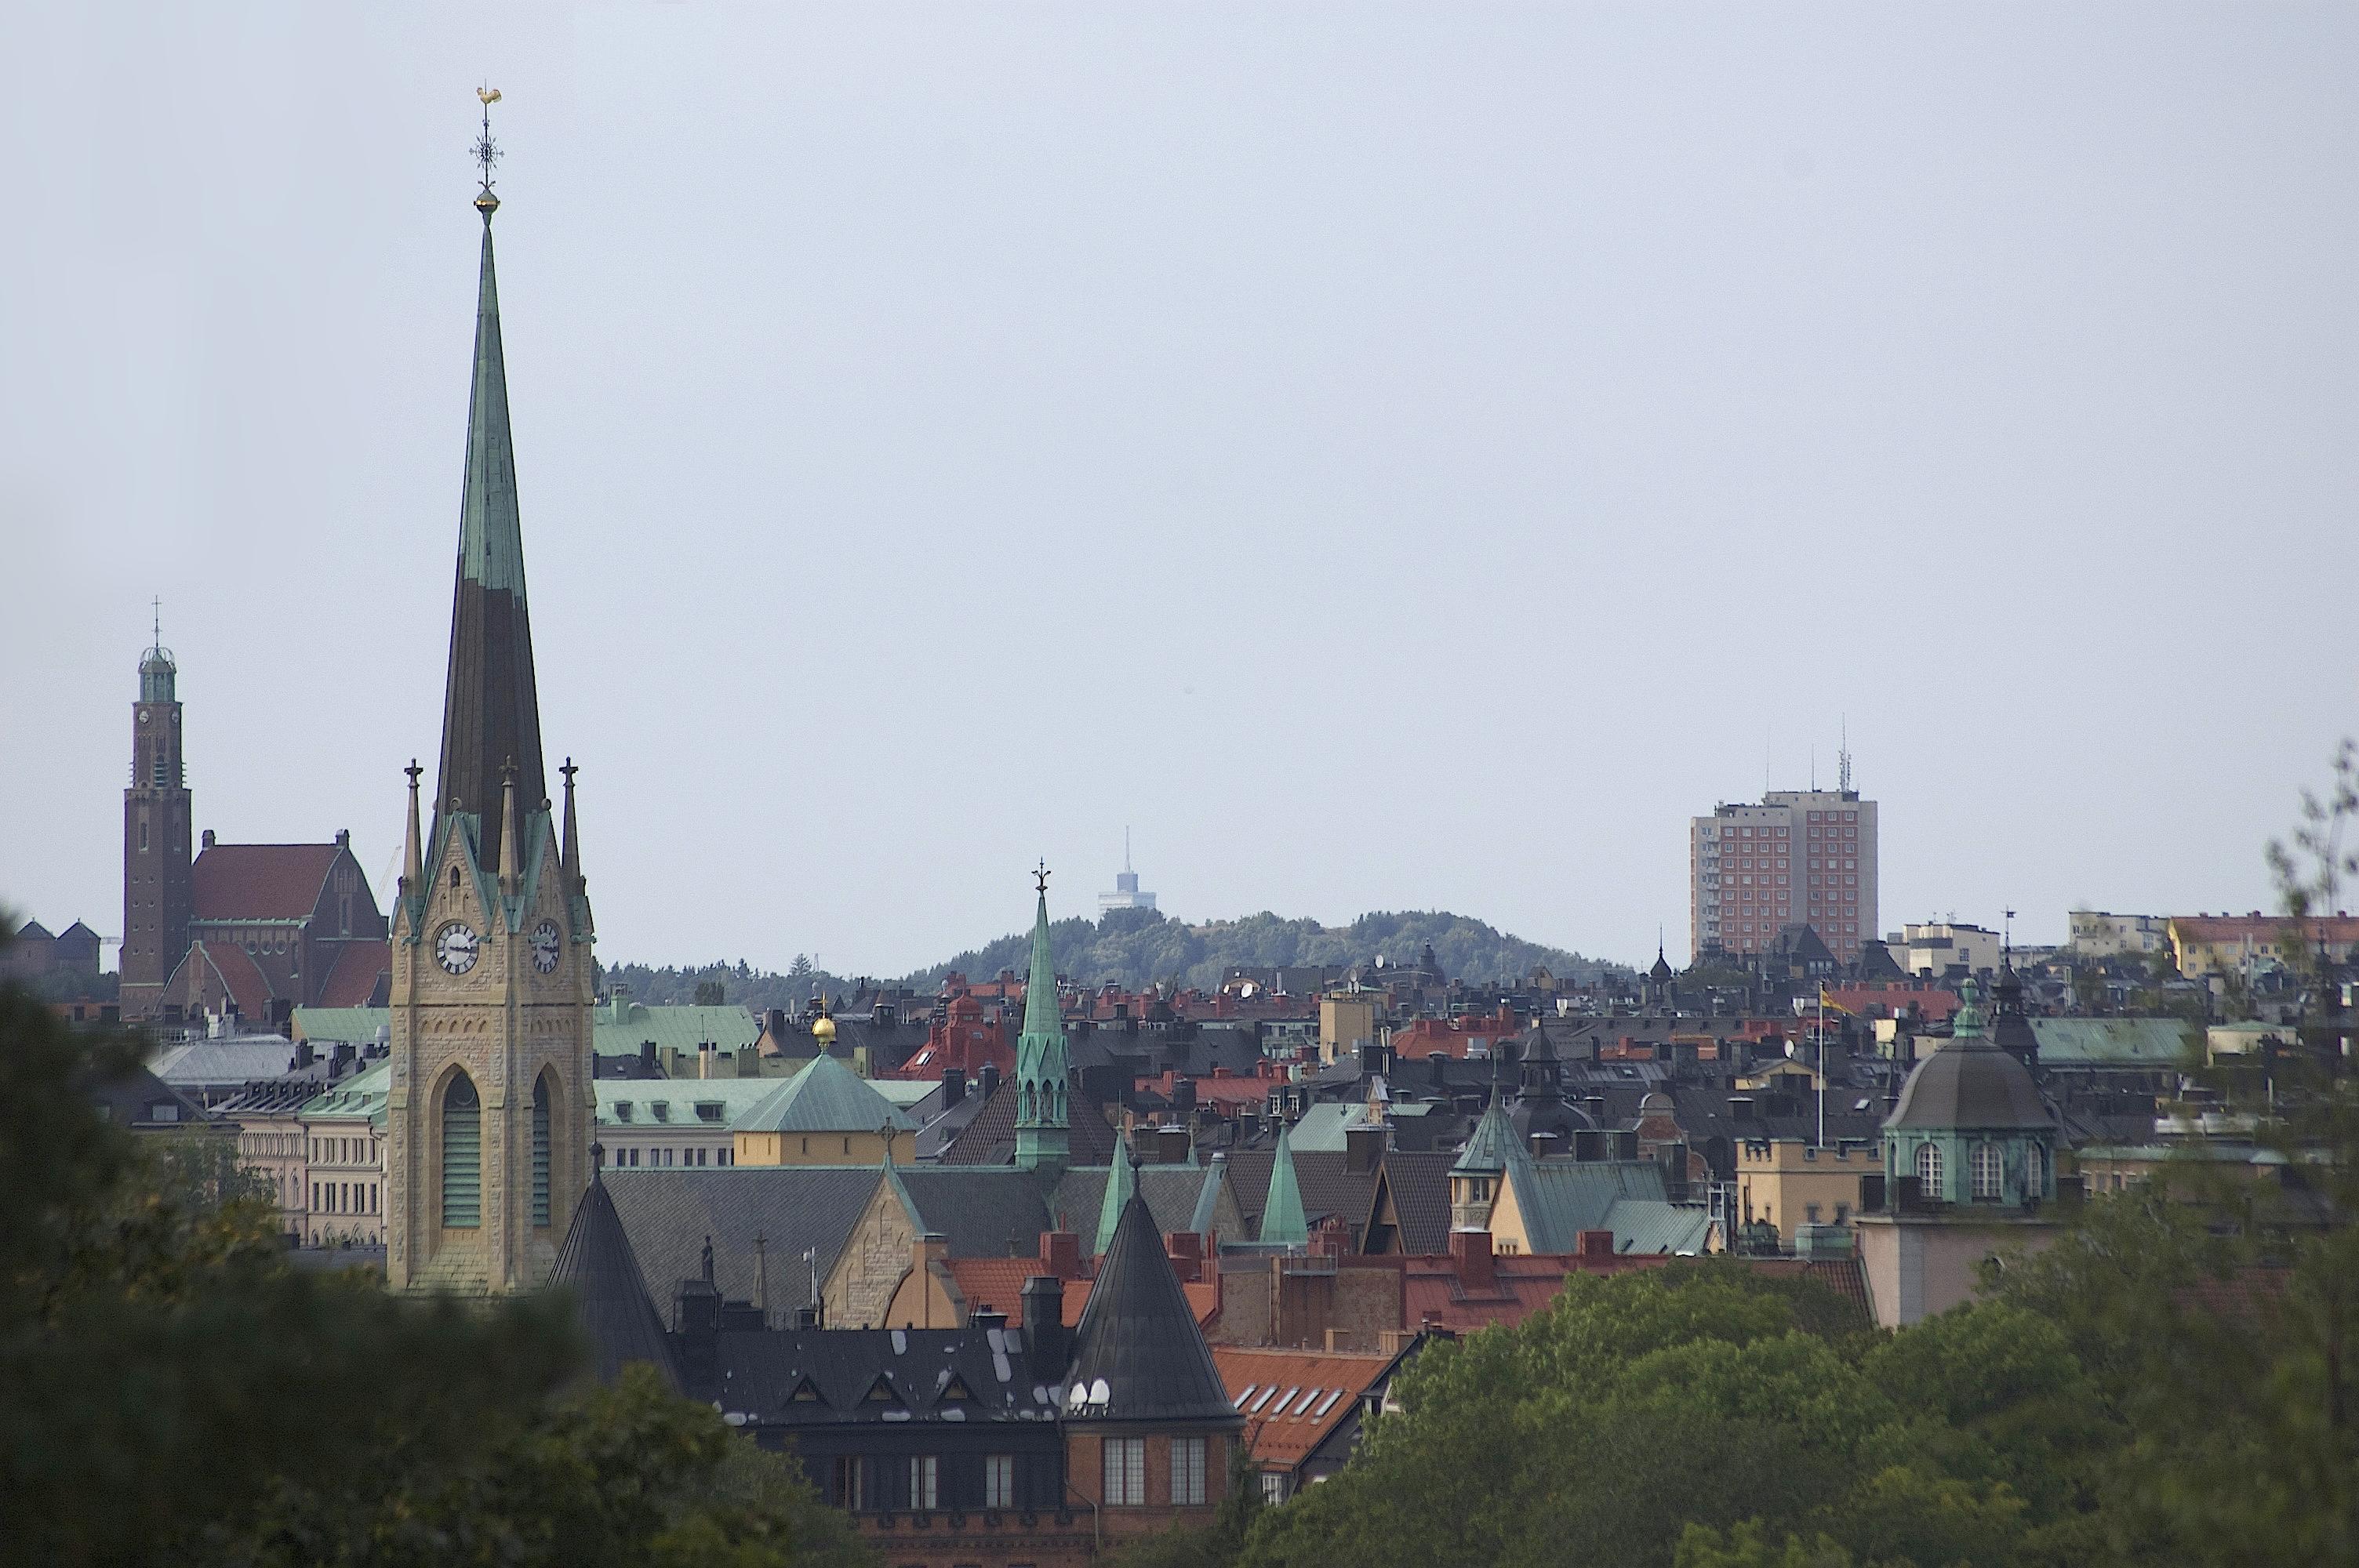 Kistaskrapan sedd från Skansen.